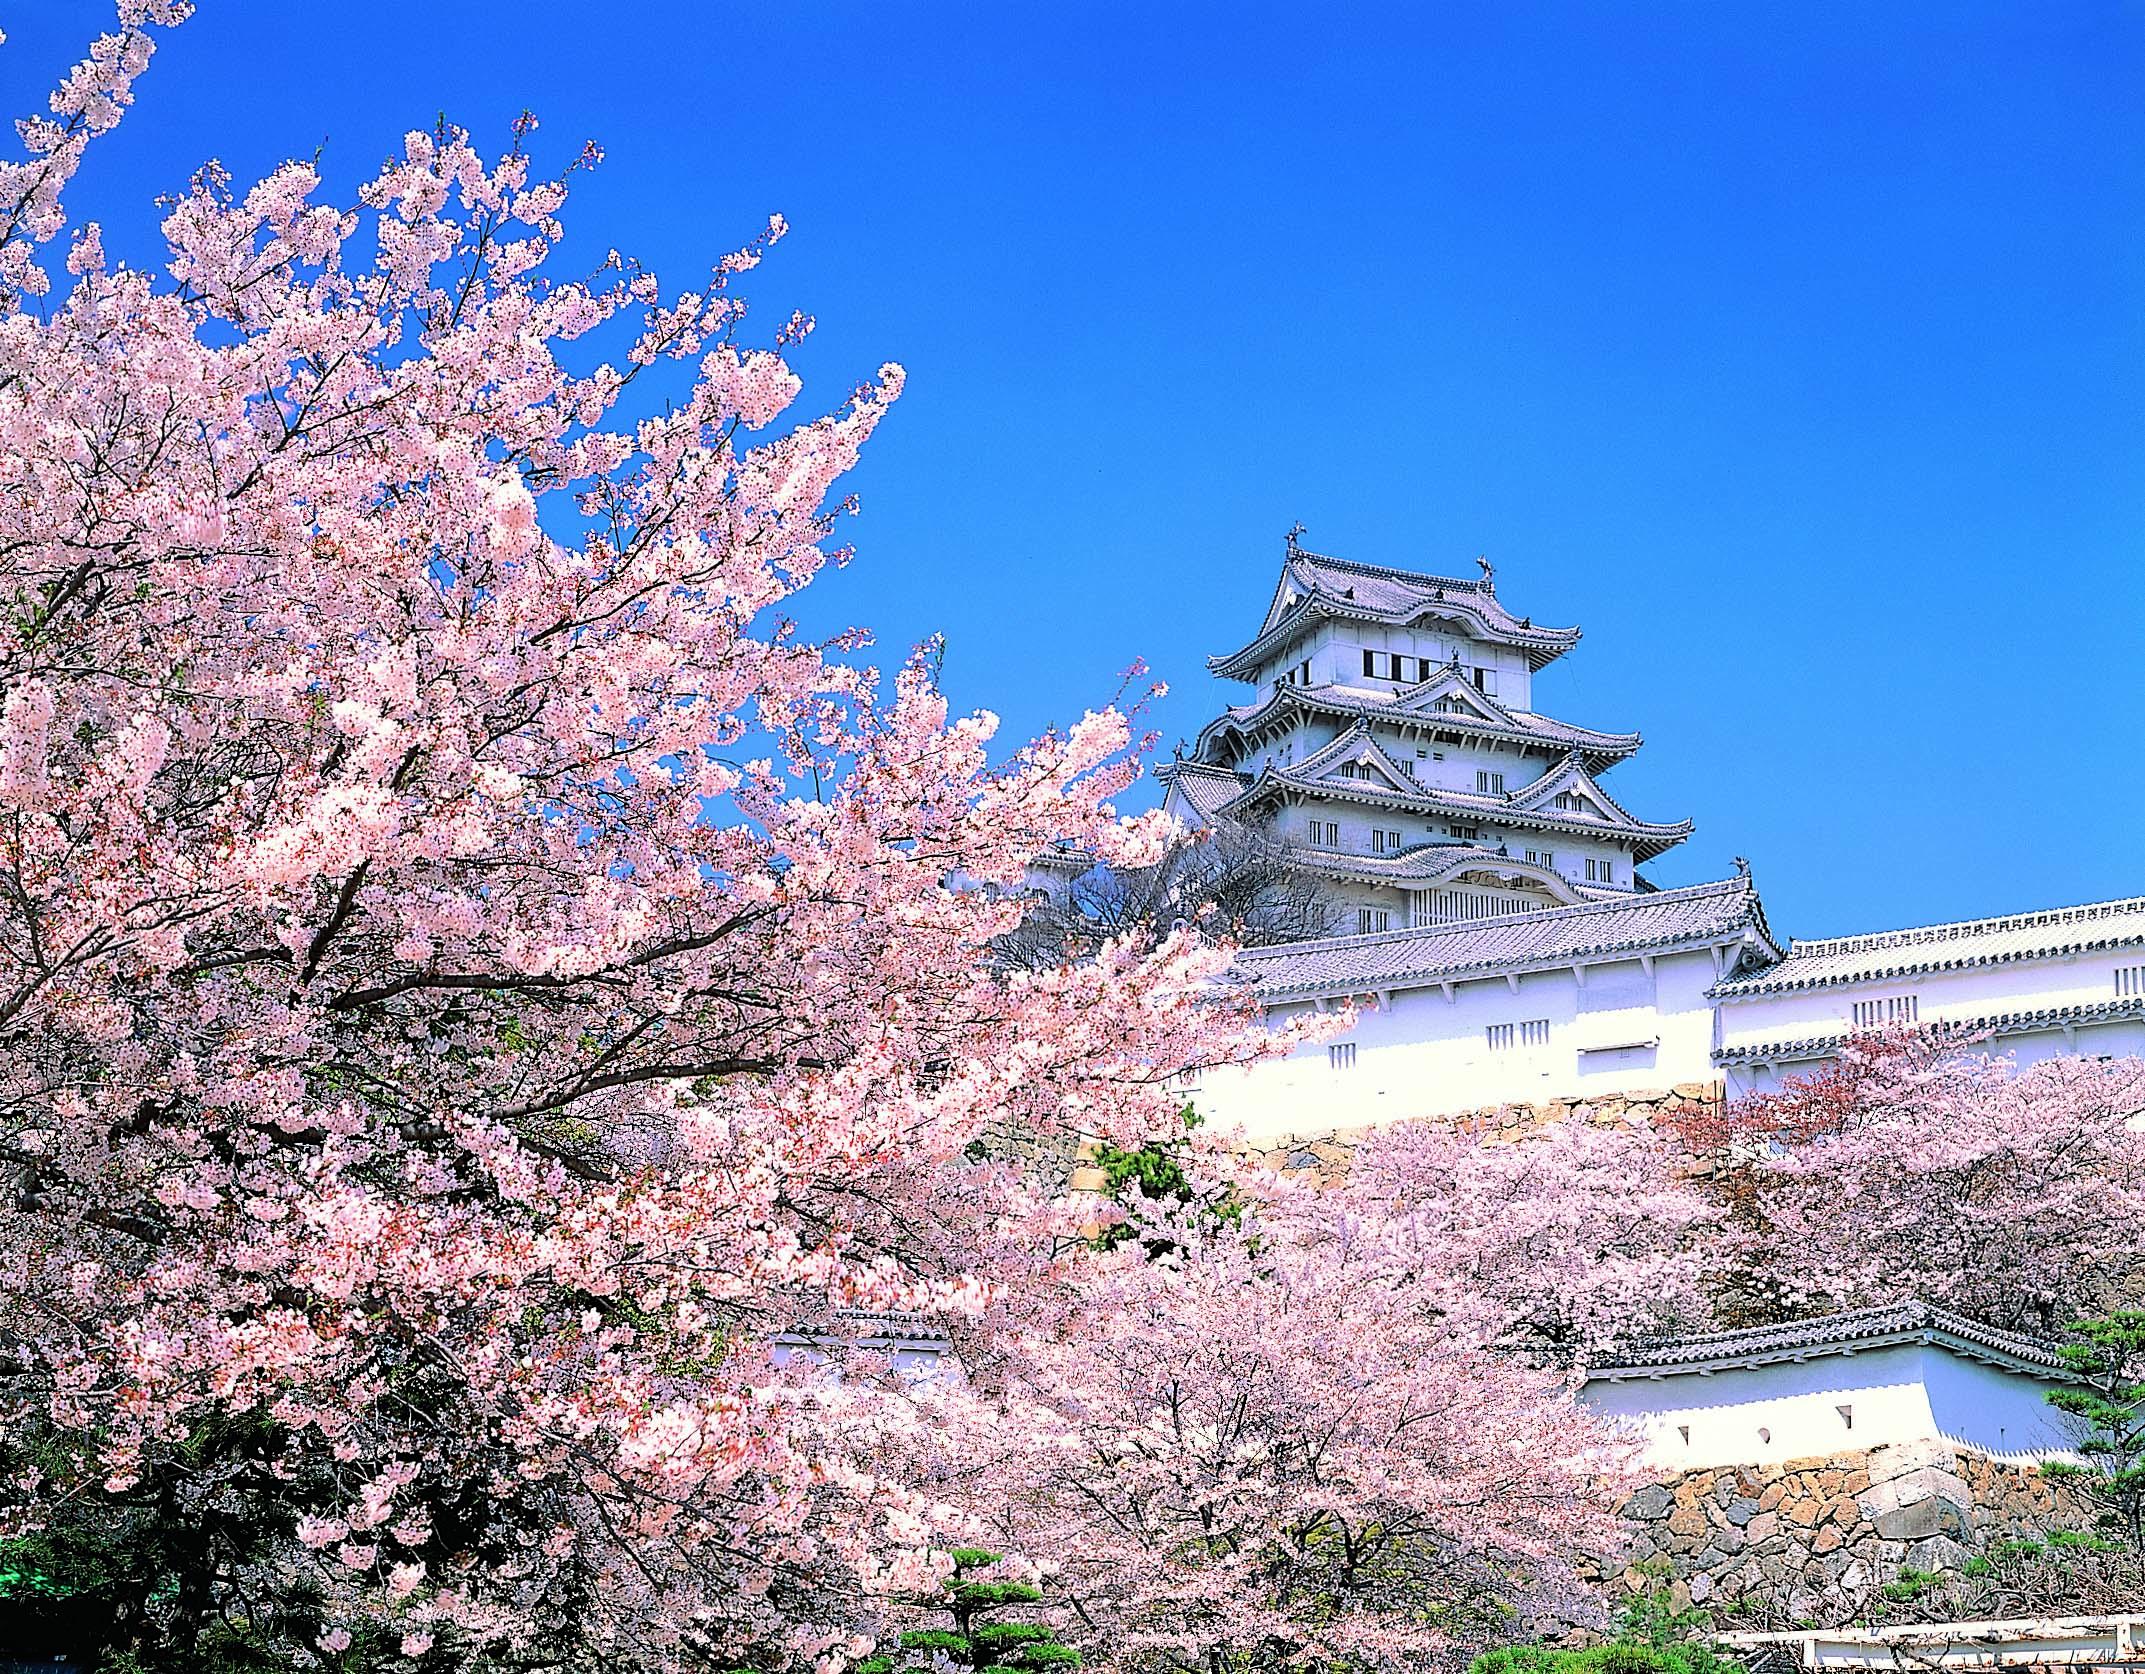 Cherry Blossoms 일본으로 떠나는 꽃구경 언제가 좋을까 겟어바웃